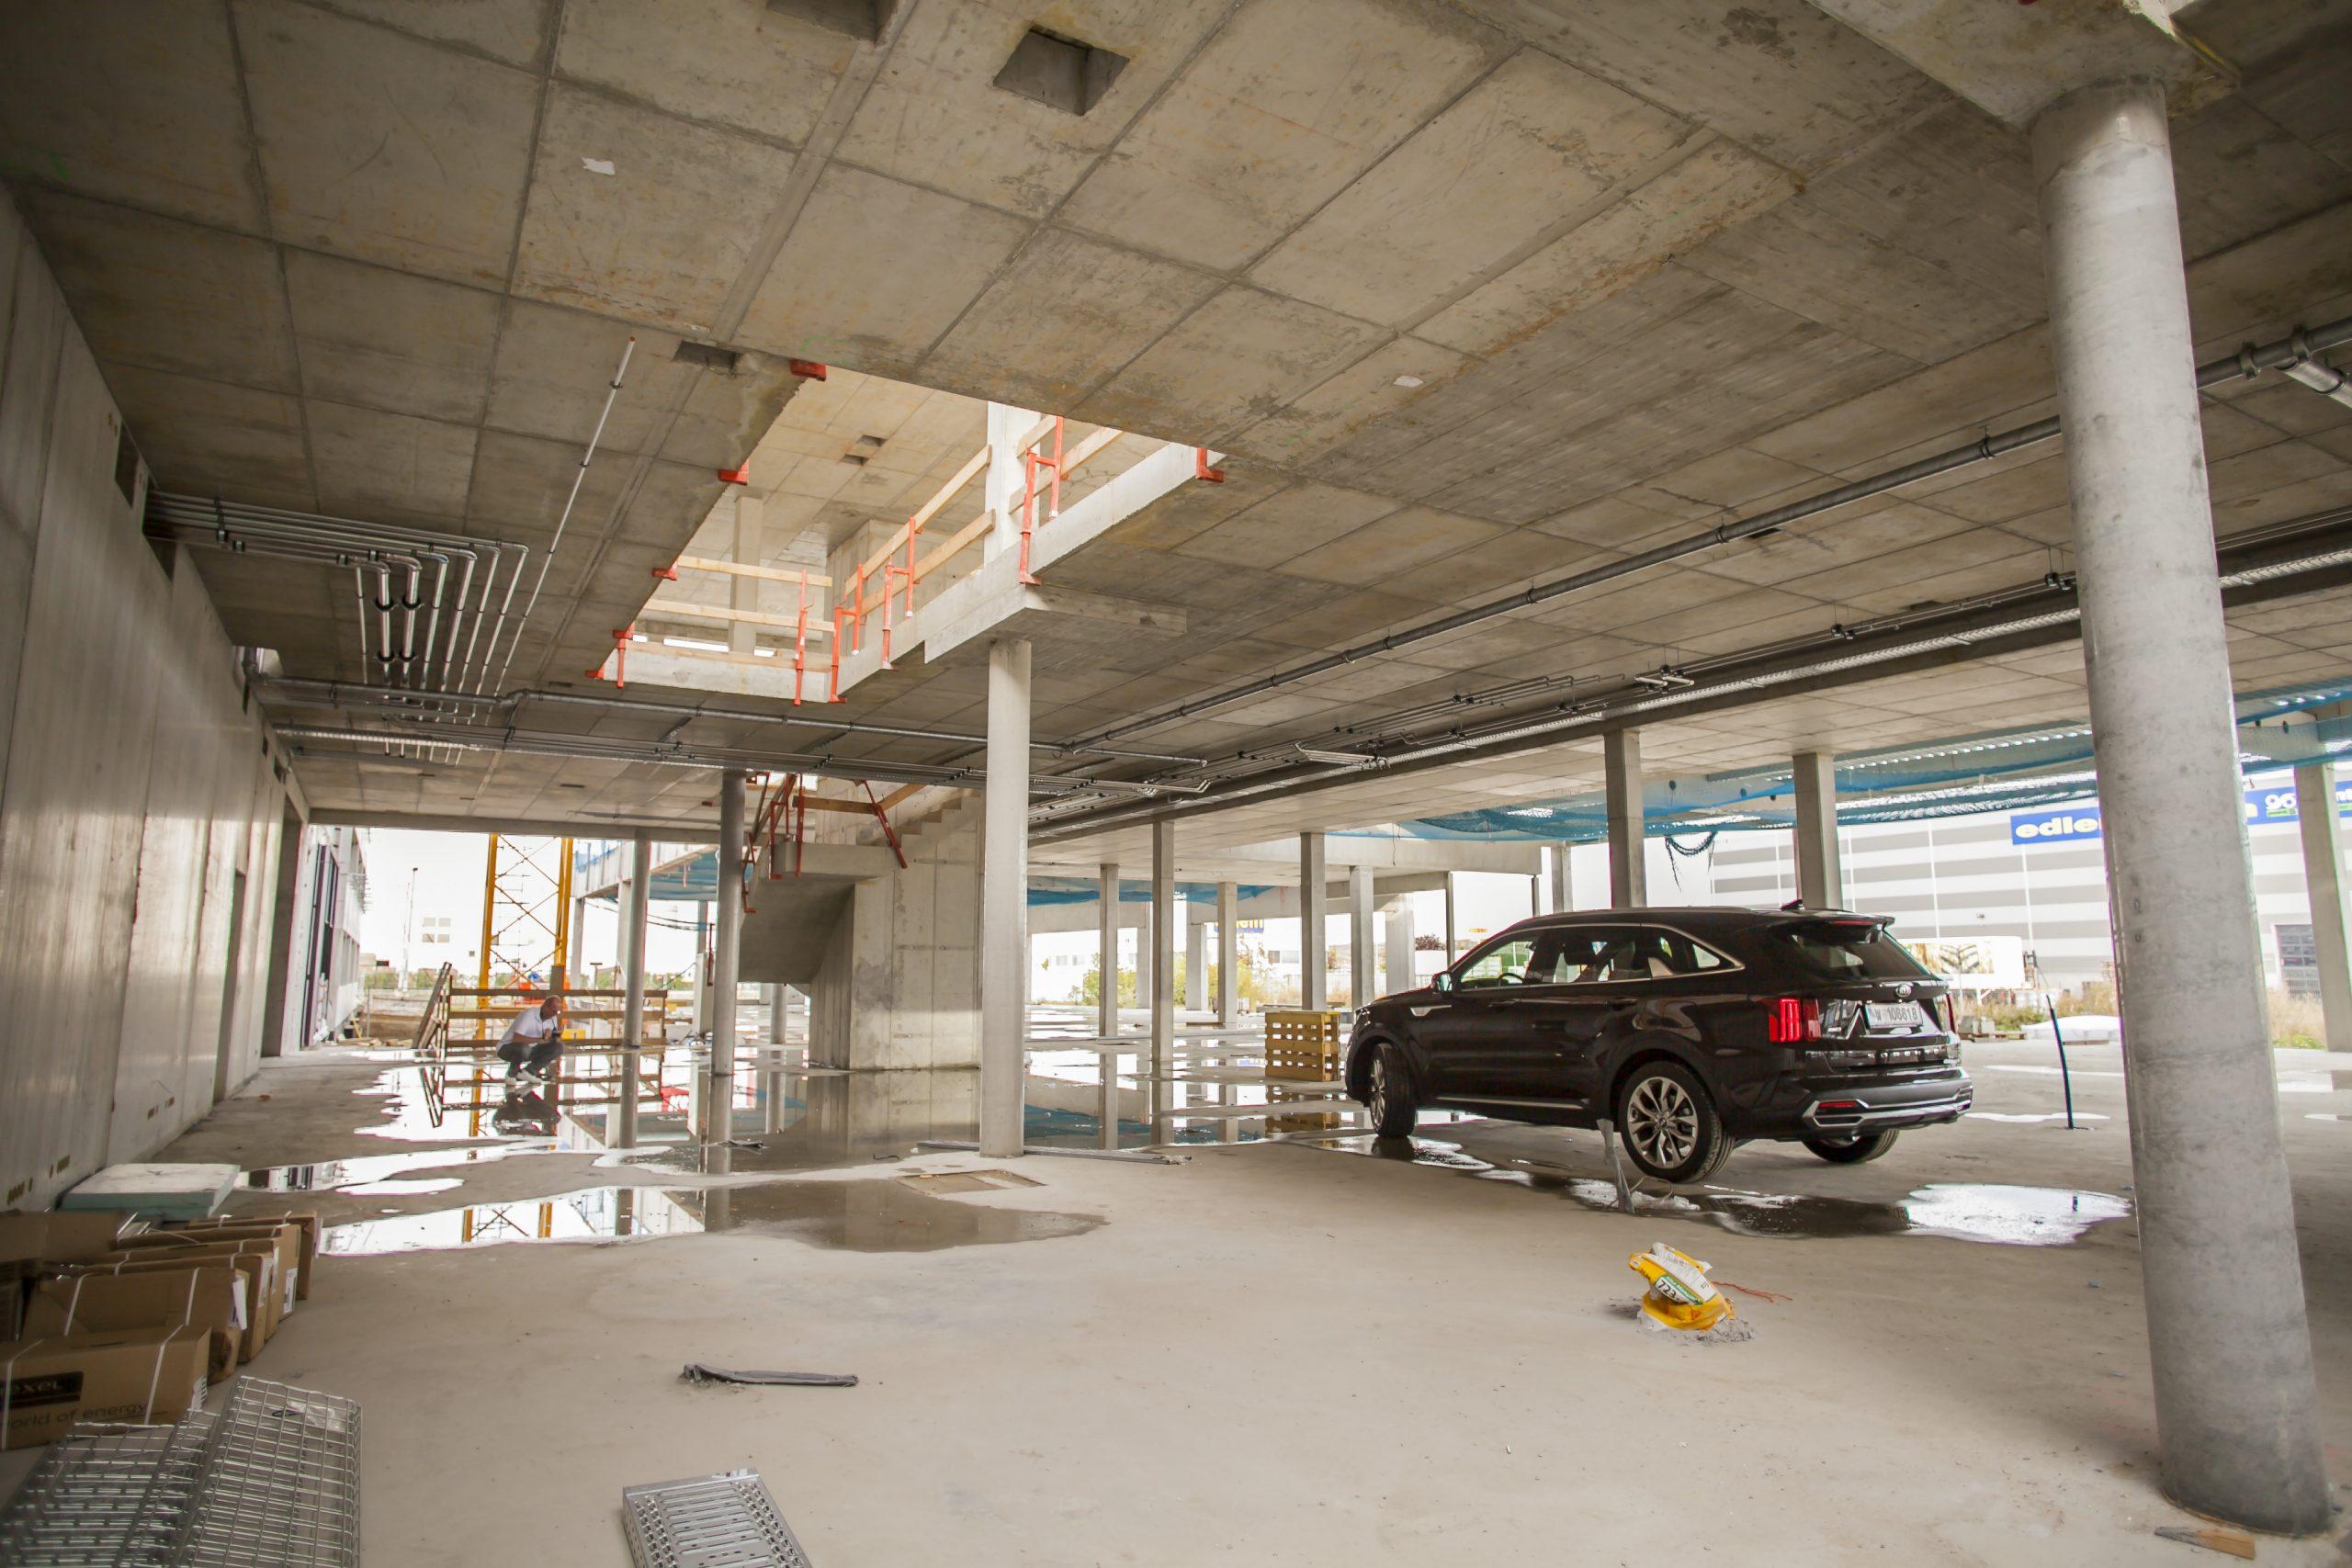 Neuer Kia Sorento MJ 2021 bei AUTO STAHL in WIen 22 im neuen Kia-Schauraum. Eröffnung ab Mitte 2021